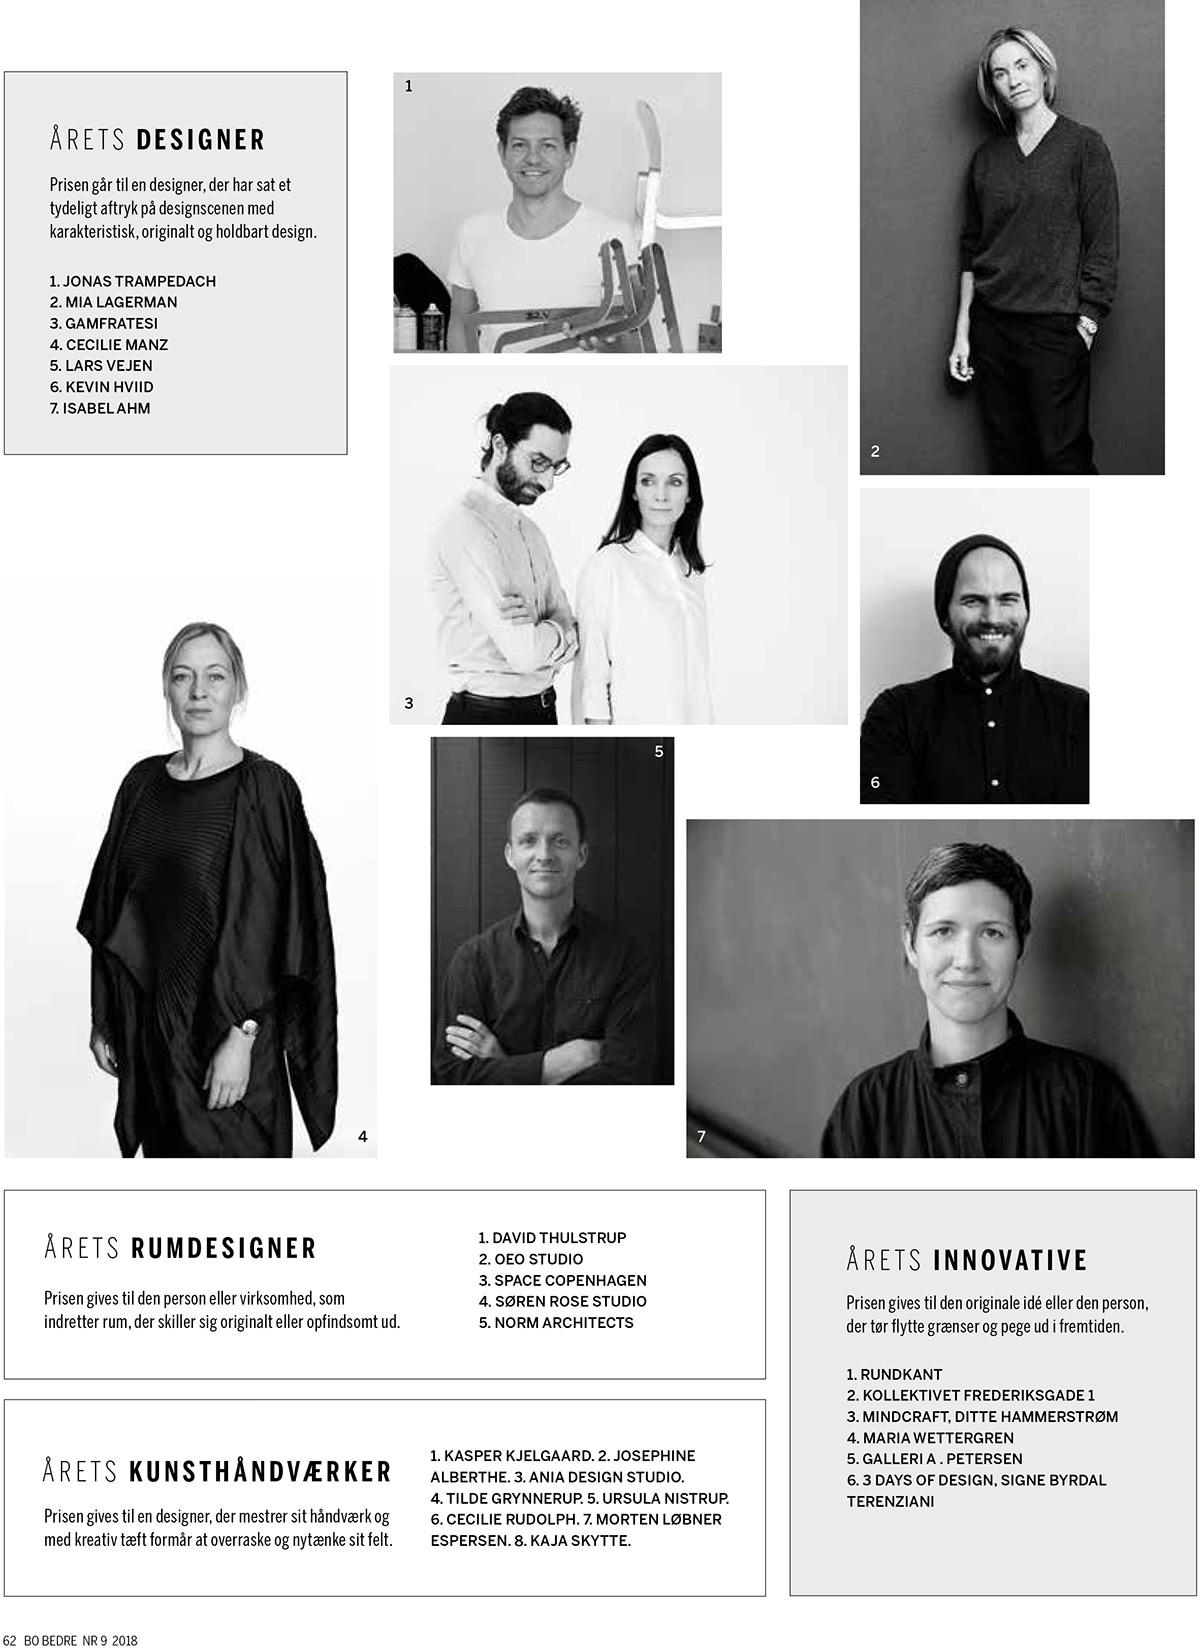 Design Awards Årets Designer 2018 Lars Vejen nomineret 02